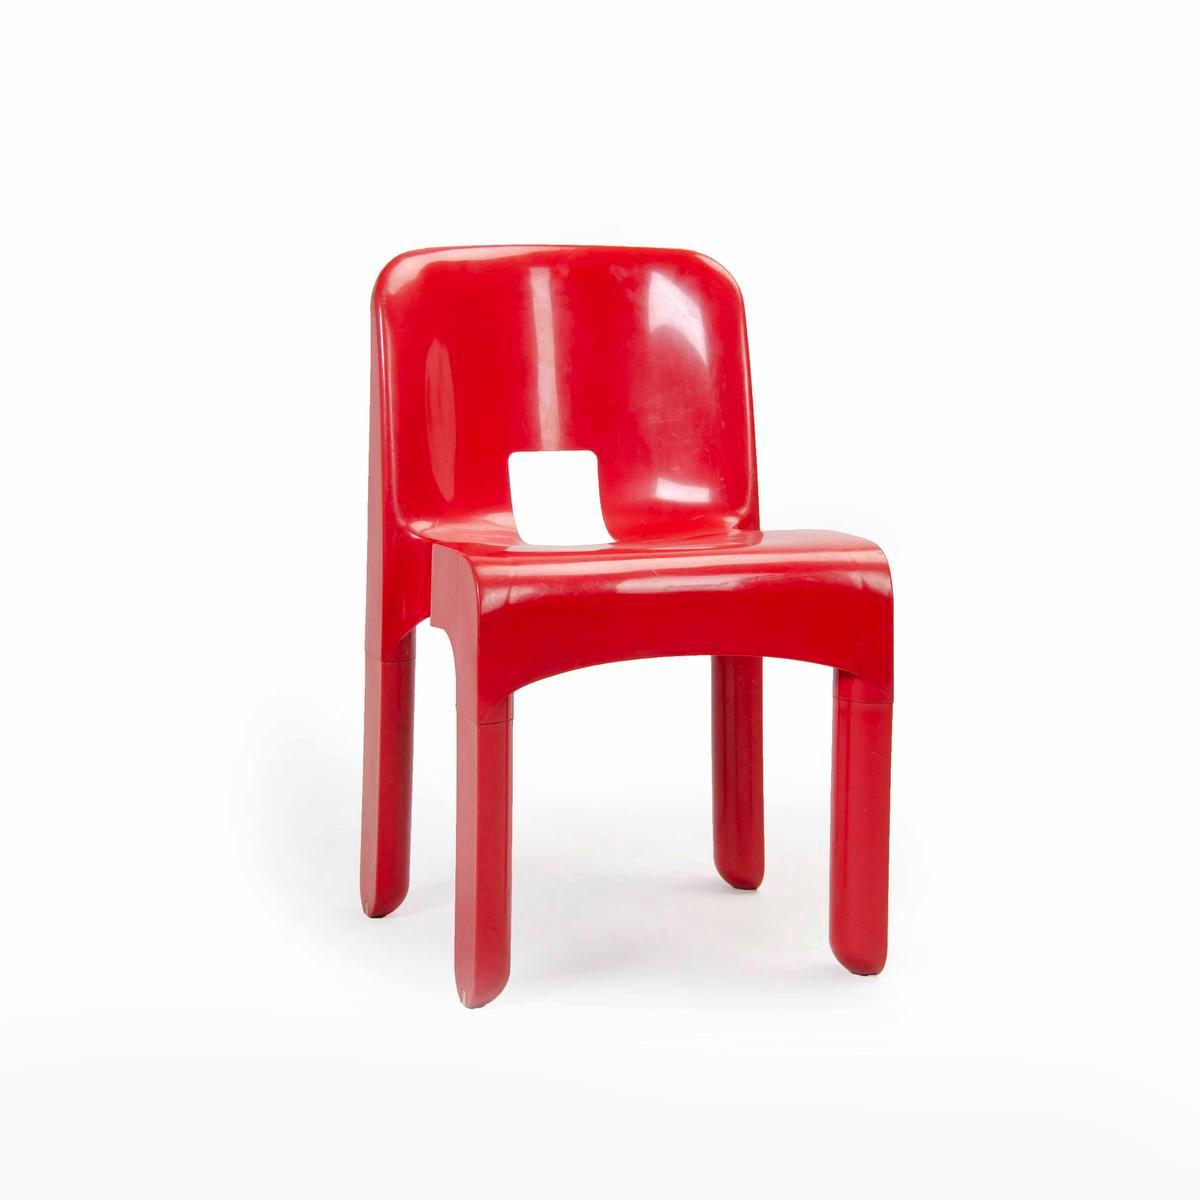 Design Museum Brussels: la chaise Universale de Joe Colombo (1967), LEON Elie